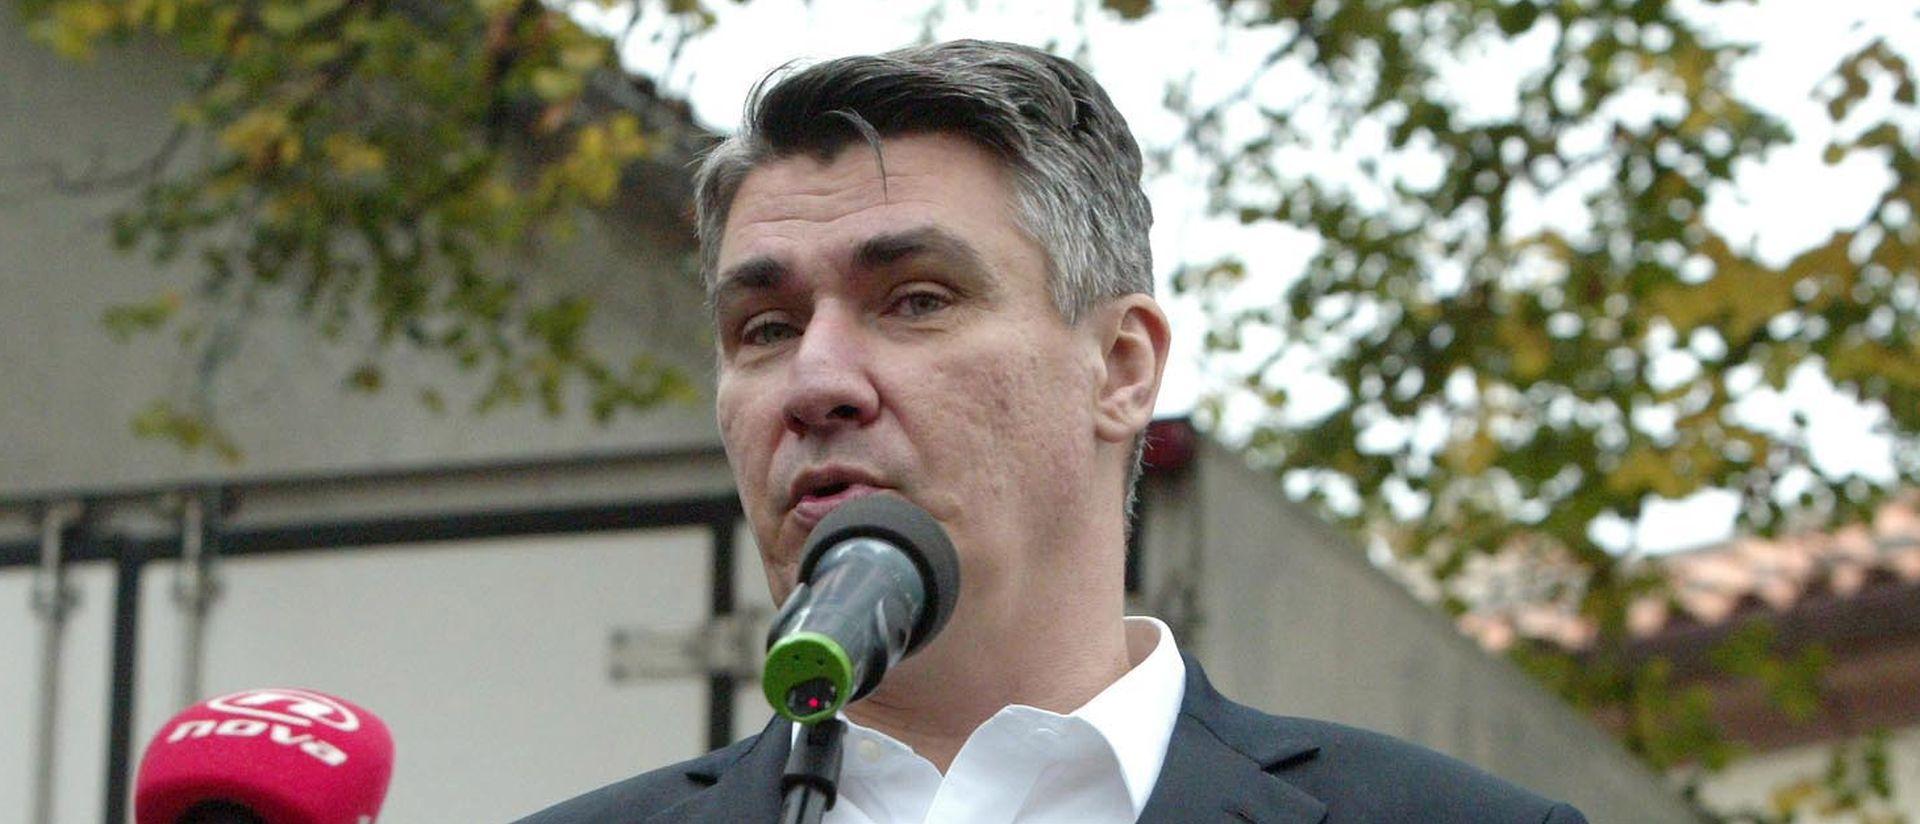 Milanović: HDZ nudi kukavičje jaje, trebamo se sučeliti Karamarko i ja